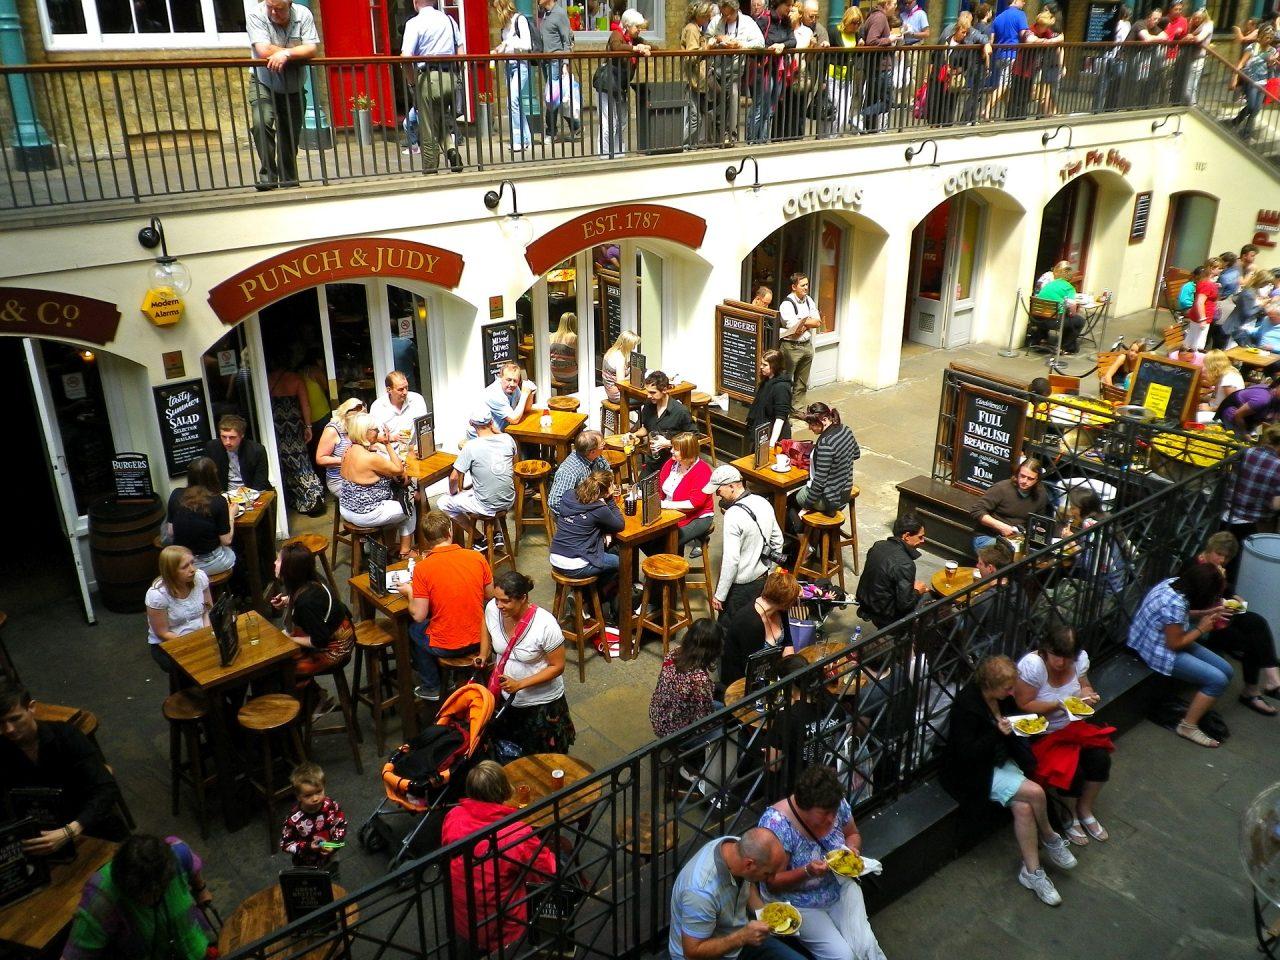 Κοροναϊός: Κανόνες πρόληψης όταν επισκεπτόμαστε καφέ και εστιατόρια